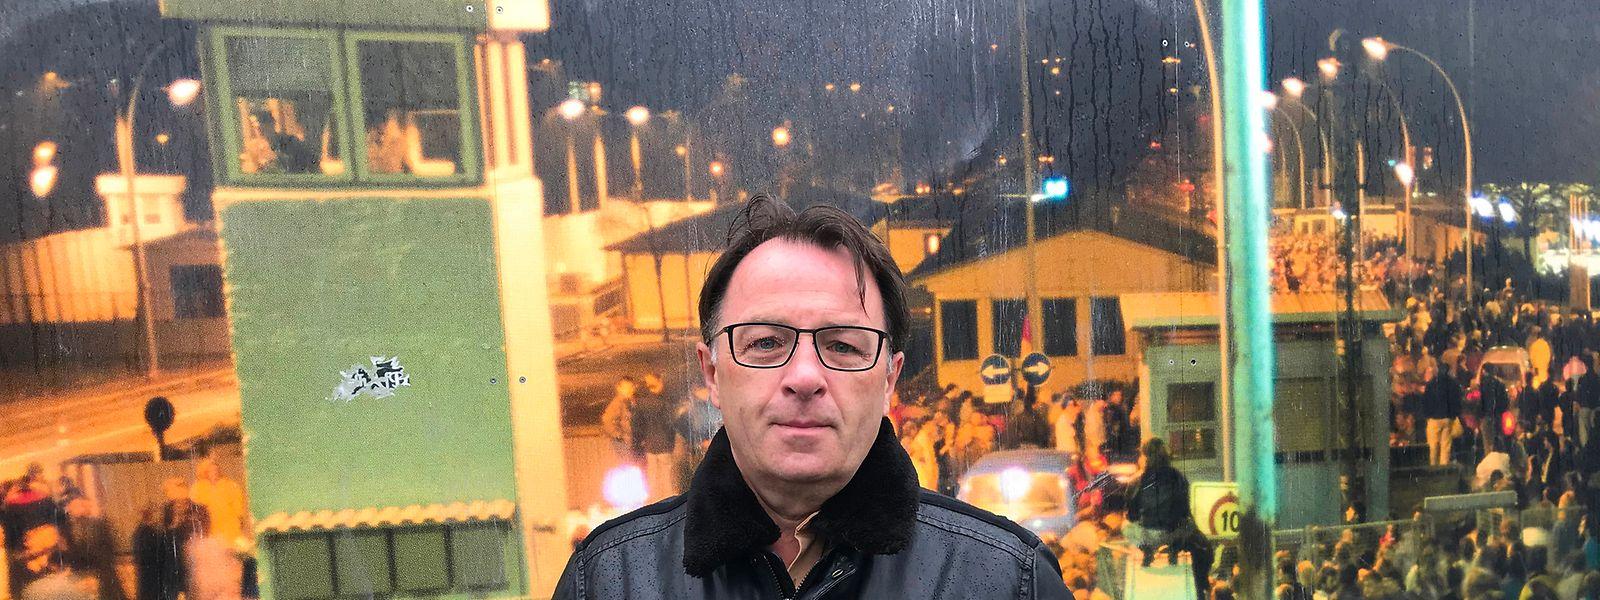 Die Nacht der Nächte: Arom Radomski 30 Jahre nachdem er mit seinem Freund Sigi als Erster durch die Mauer ging, an der Bornholmer Straße, wo Fotos an den 9. November 1989 erinnern.